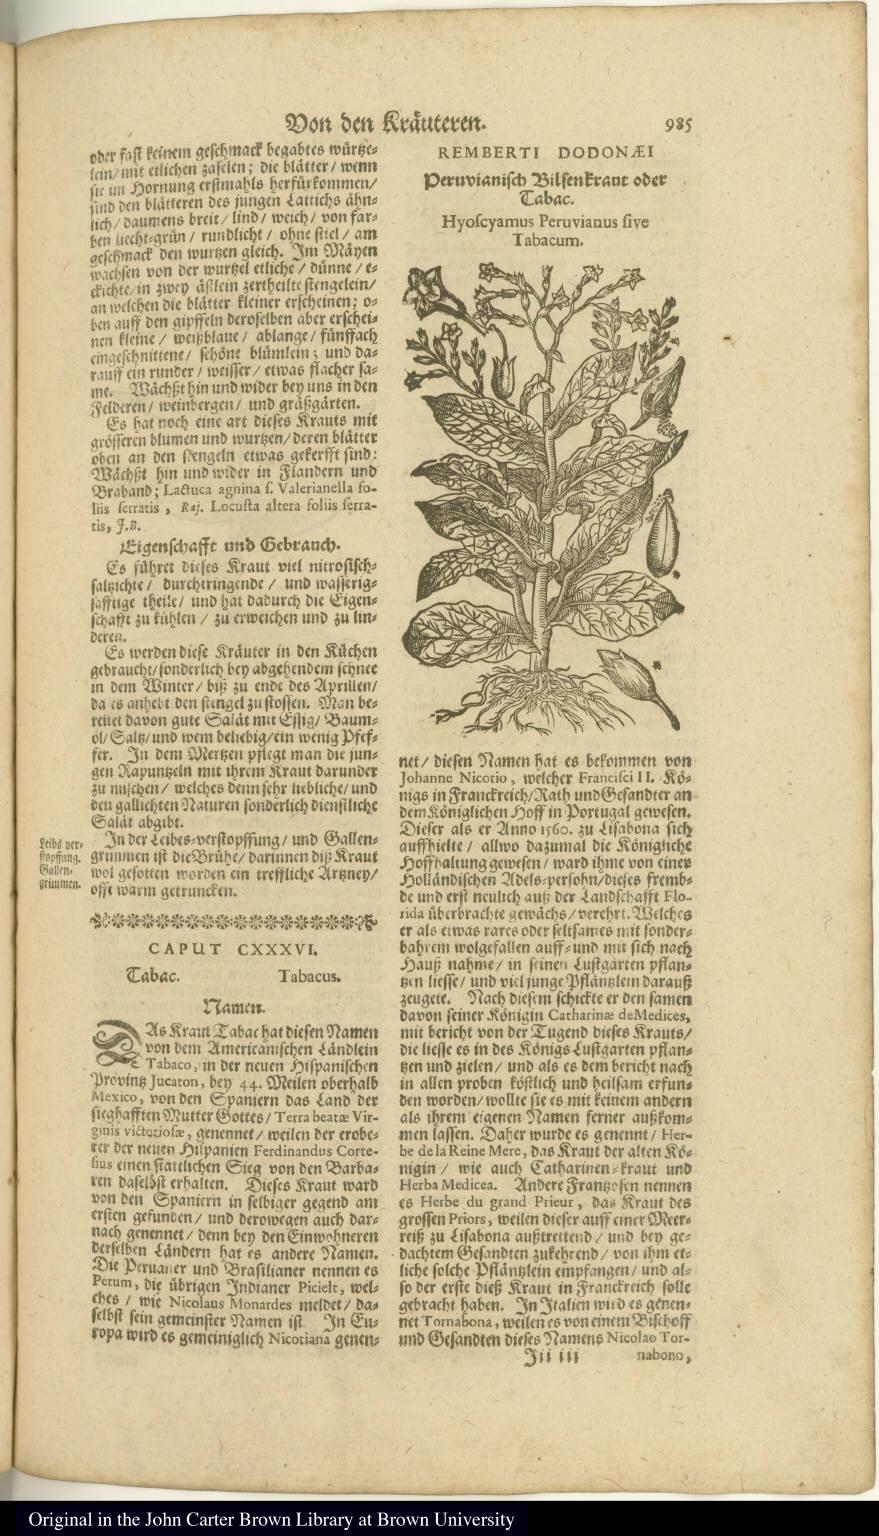 Peruvianisch Bilsenkraut oder Tabac. Hyoscyamus Peruvianus sive Tabacum.